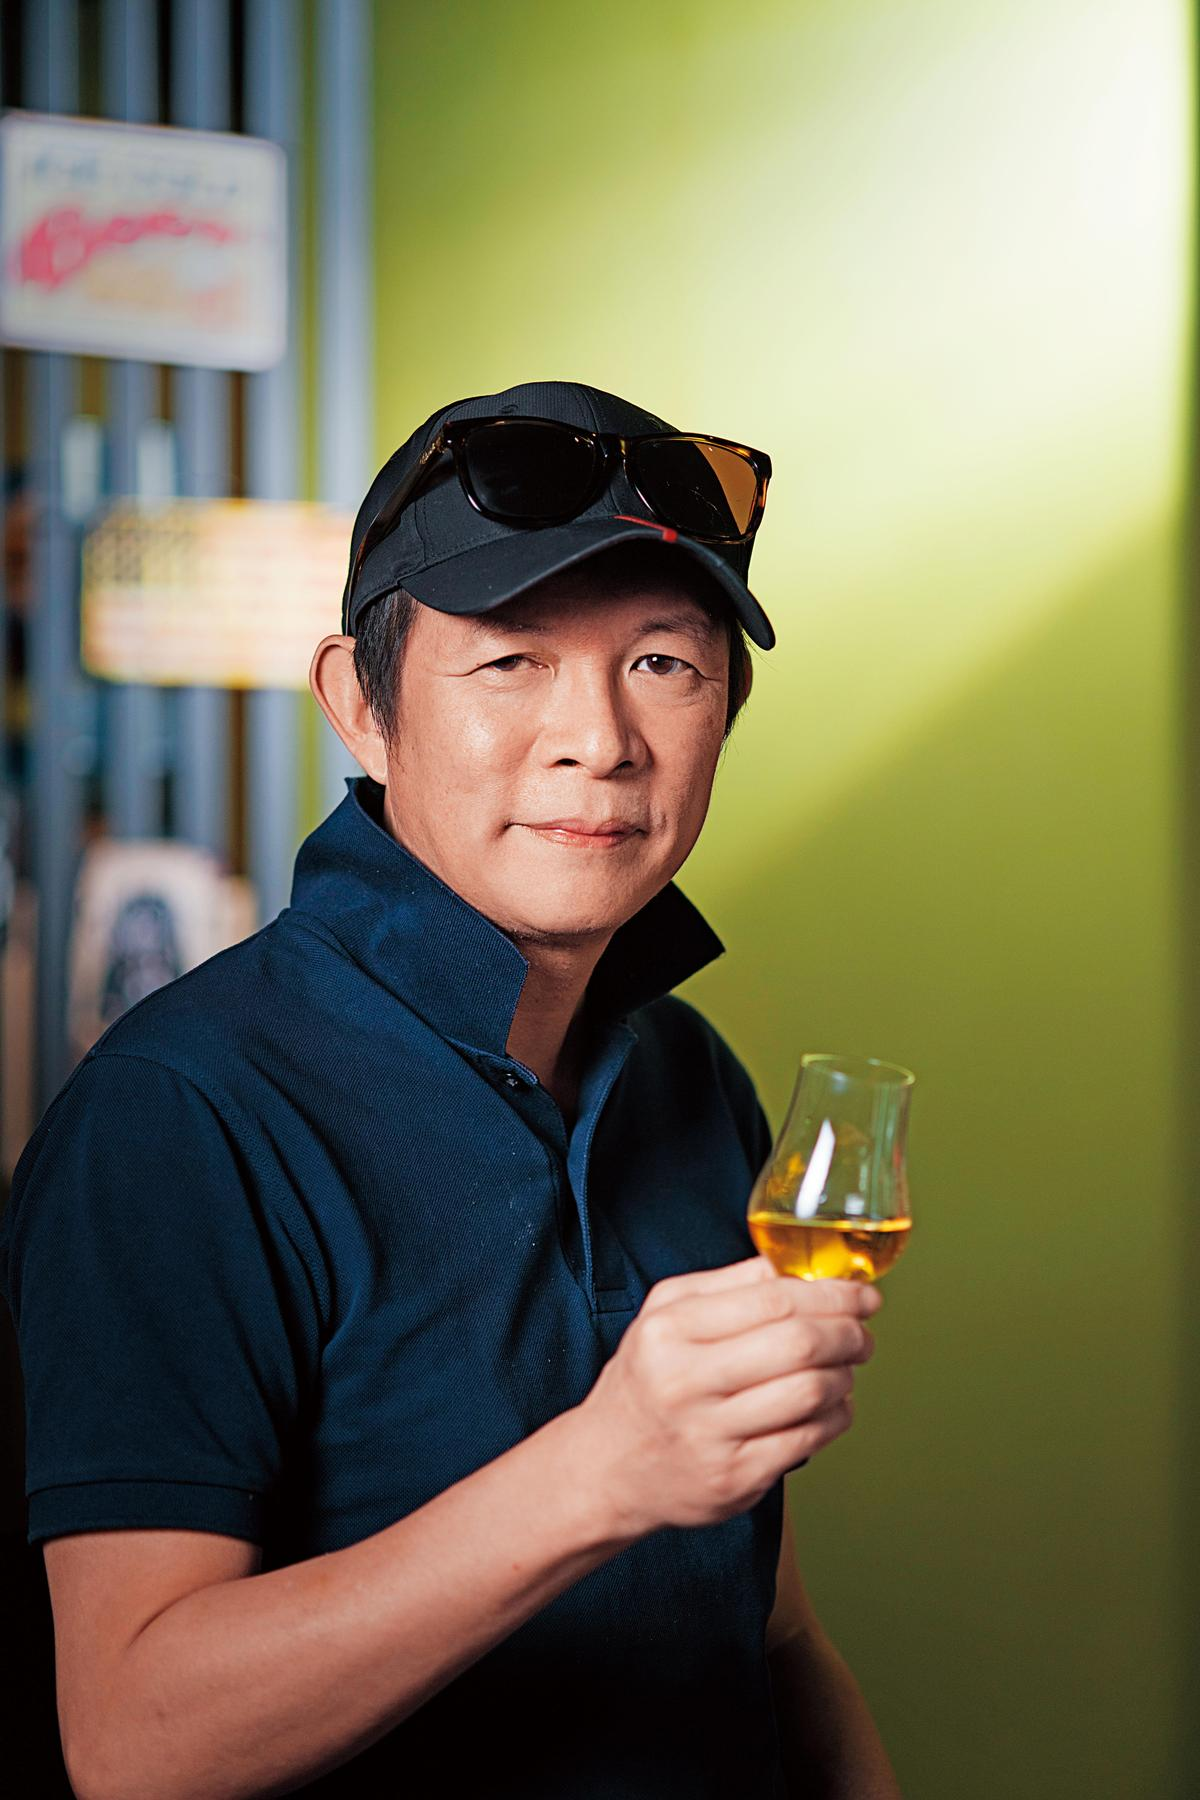 莊繼祖Joe 前車主雜誌業務總監、Chillax精釀啤酒吧老闆,威士忌品飲資歷30年。